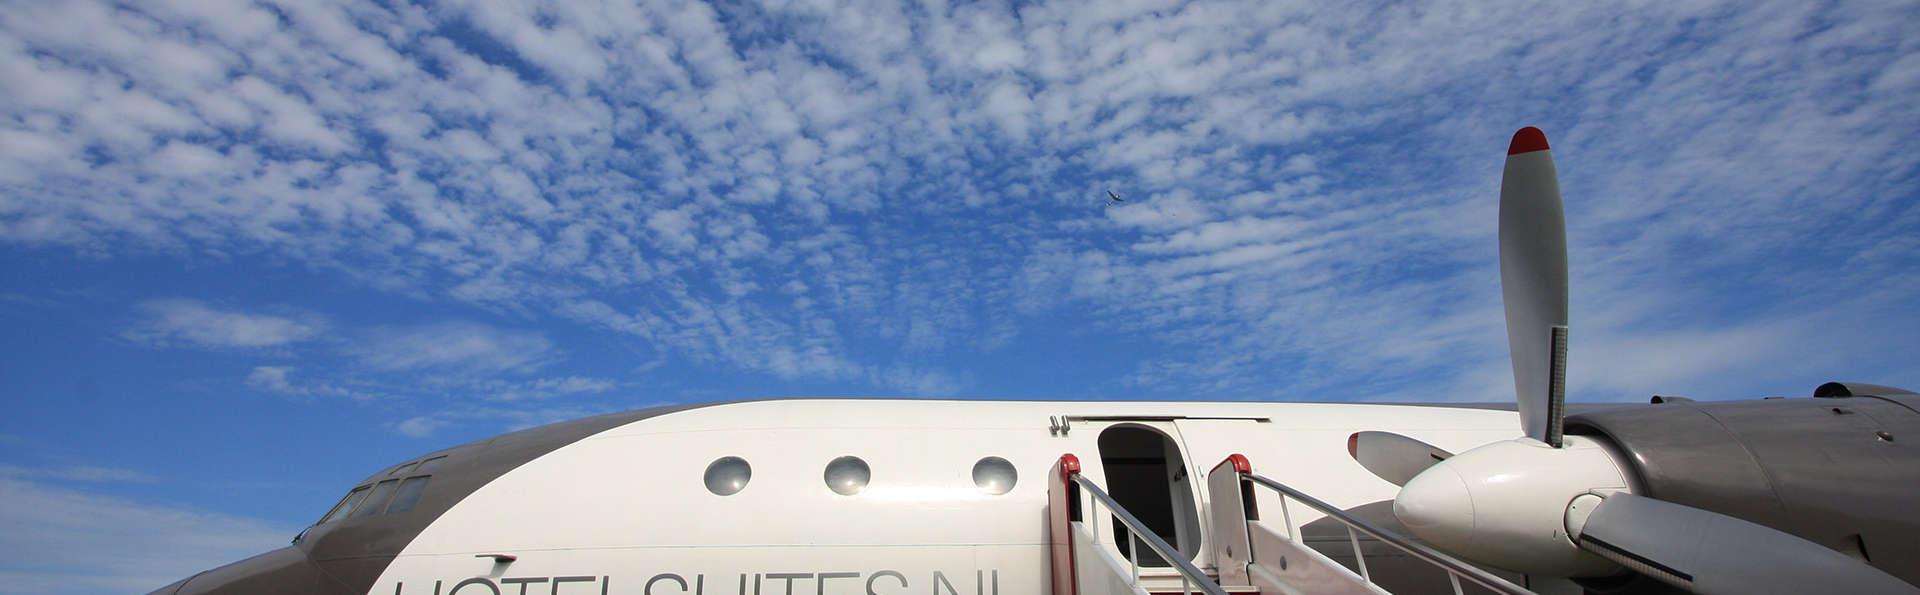 Vliegtuigsuite - EDIT_FRONT_02.jpg